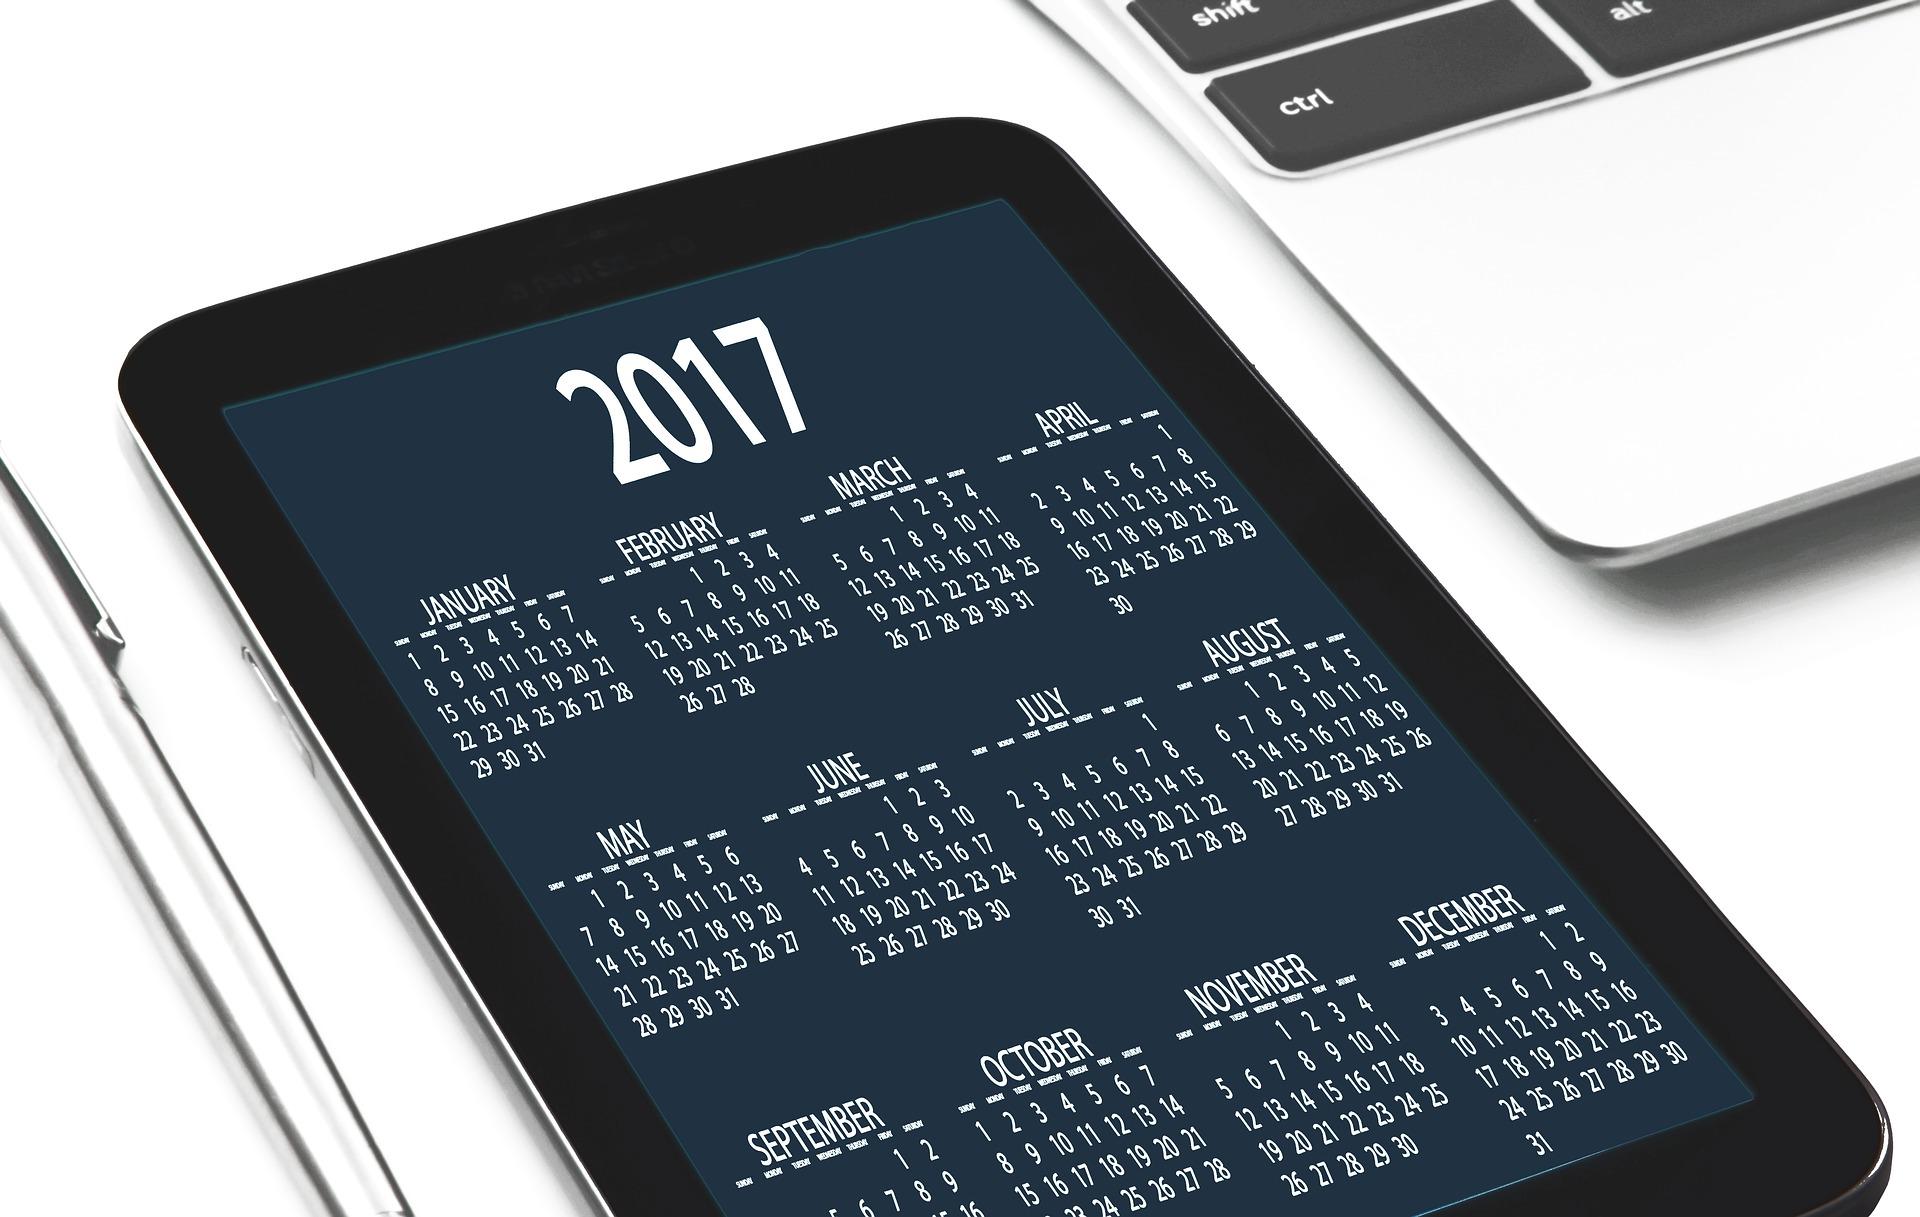 agenda 1928419 1920 - wordpressのカレンダーでおすすめプラグイン5選!予約システムから自作での実装方法まで